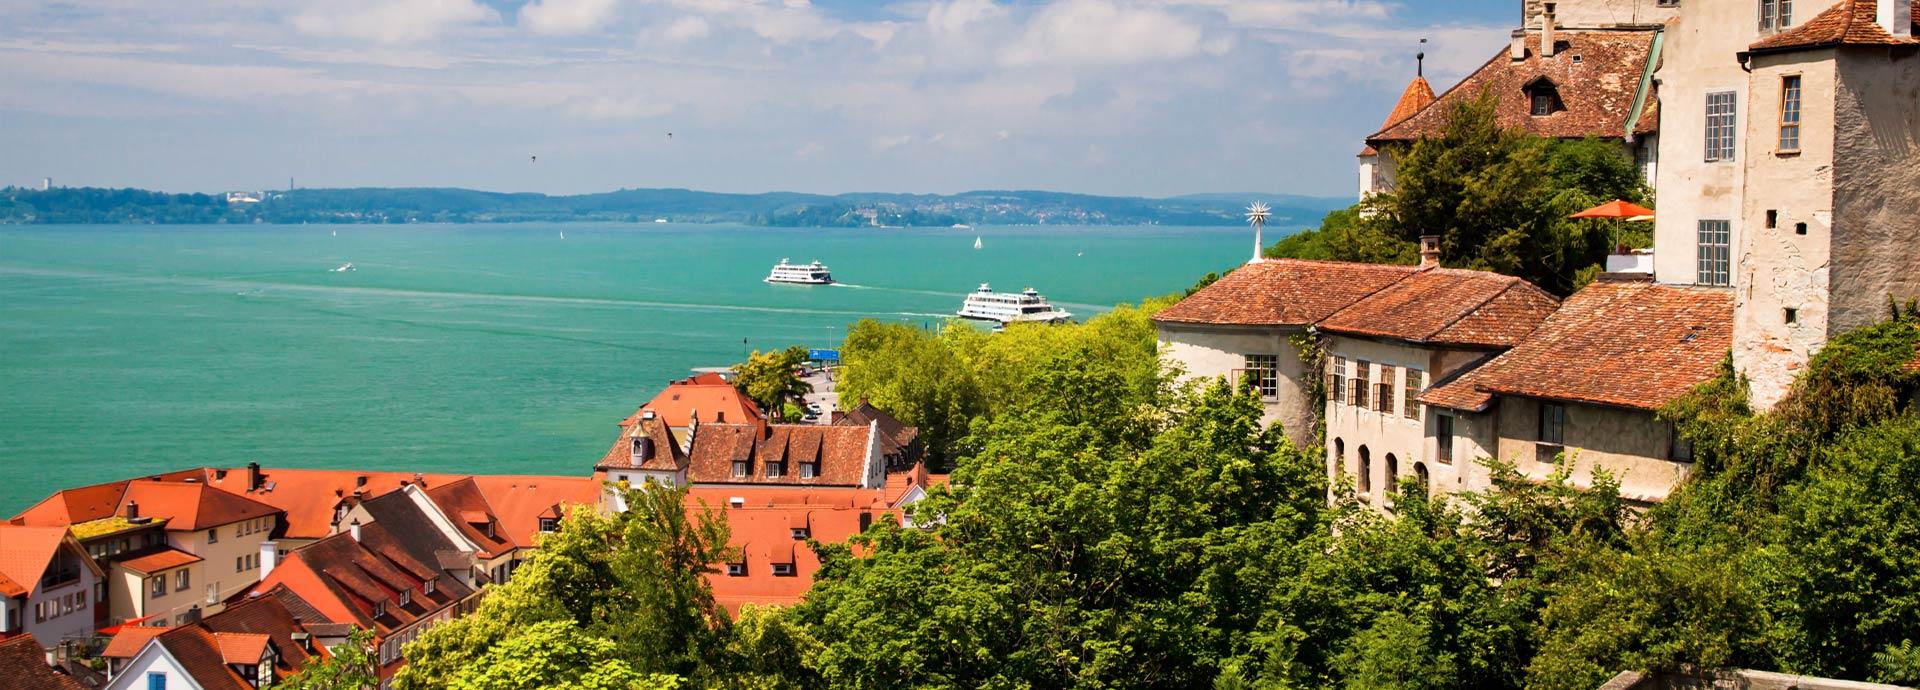 Ausflugsziele am Bodensee | Kellhof Hotel-Garni | Günstige Unterkunft am Bodensee